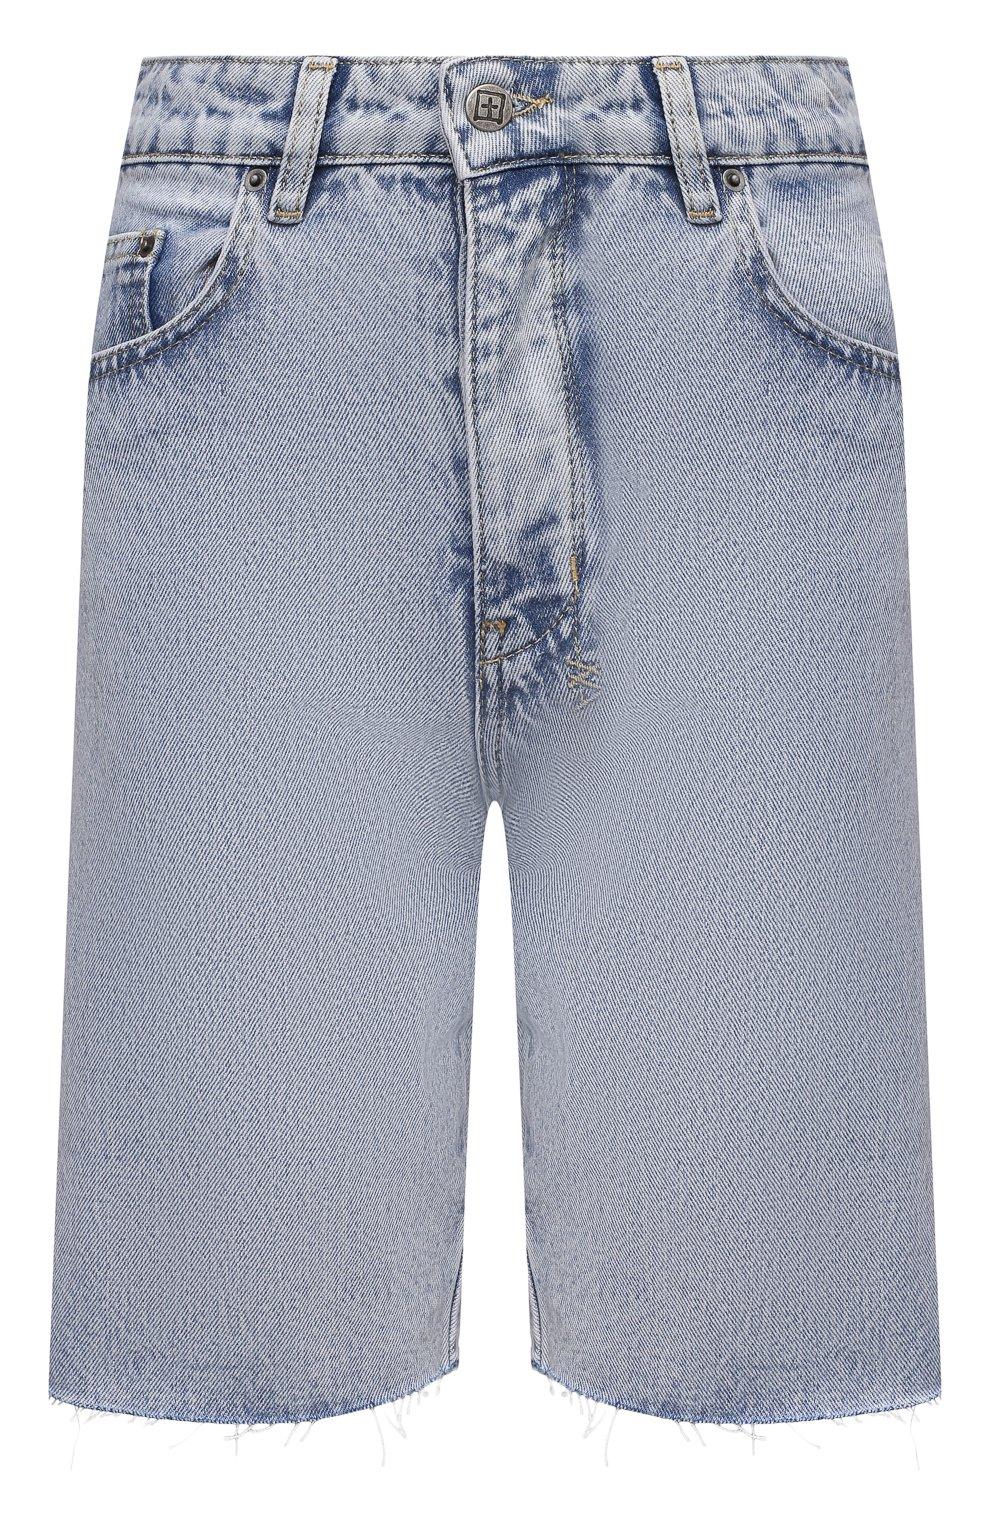 Женские джинсовые шорты KSUBI голубого цвета, арт. 5000006239 | Фото 1 (Женское Кросс-КТ: Шорты-одежда; Кросс-КТ: Деним; Длина Ж (юбки, платья, шорты): Мини, Миди; Стили: Гранж; Материал внешний: Хлопок)